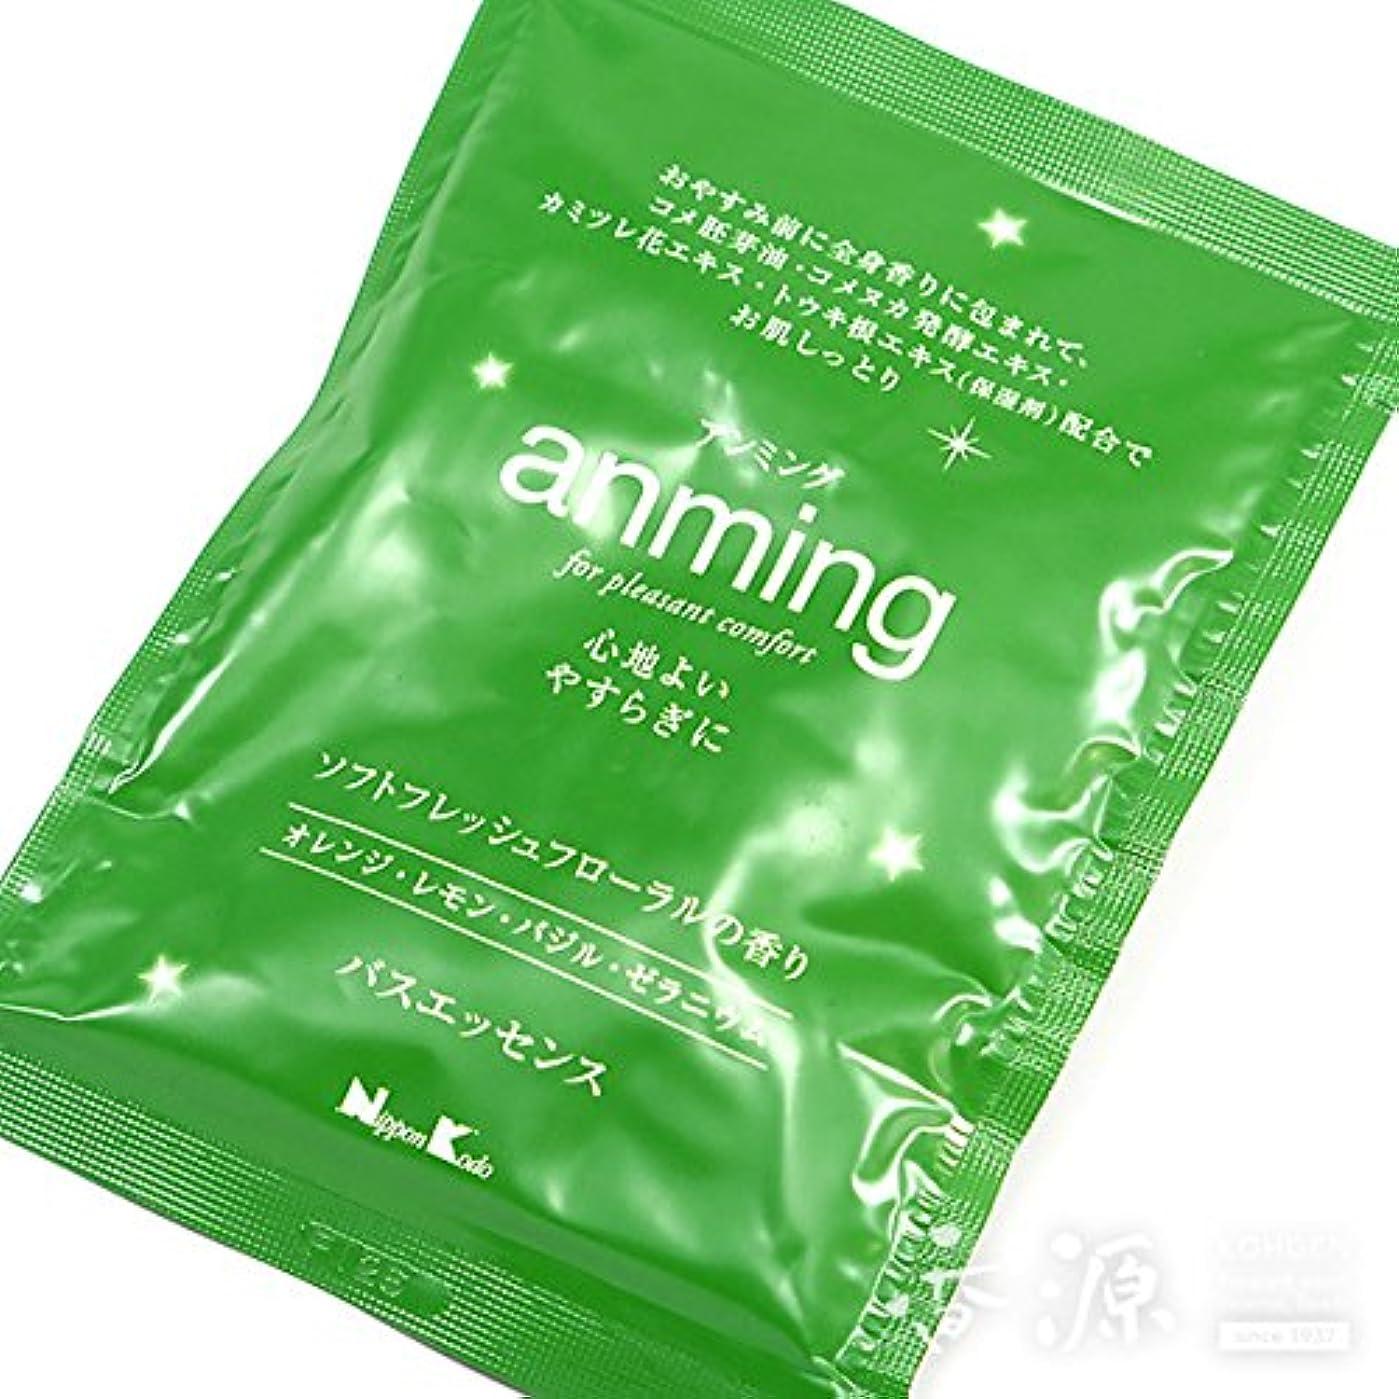 計算可能電気的船形日本香堂の入浴剤 アンミング(anming)バスエッセンス ミニタイプ